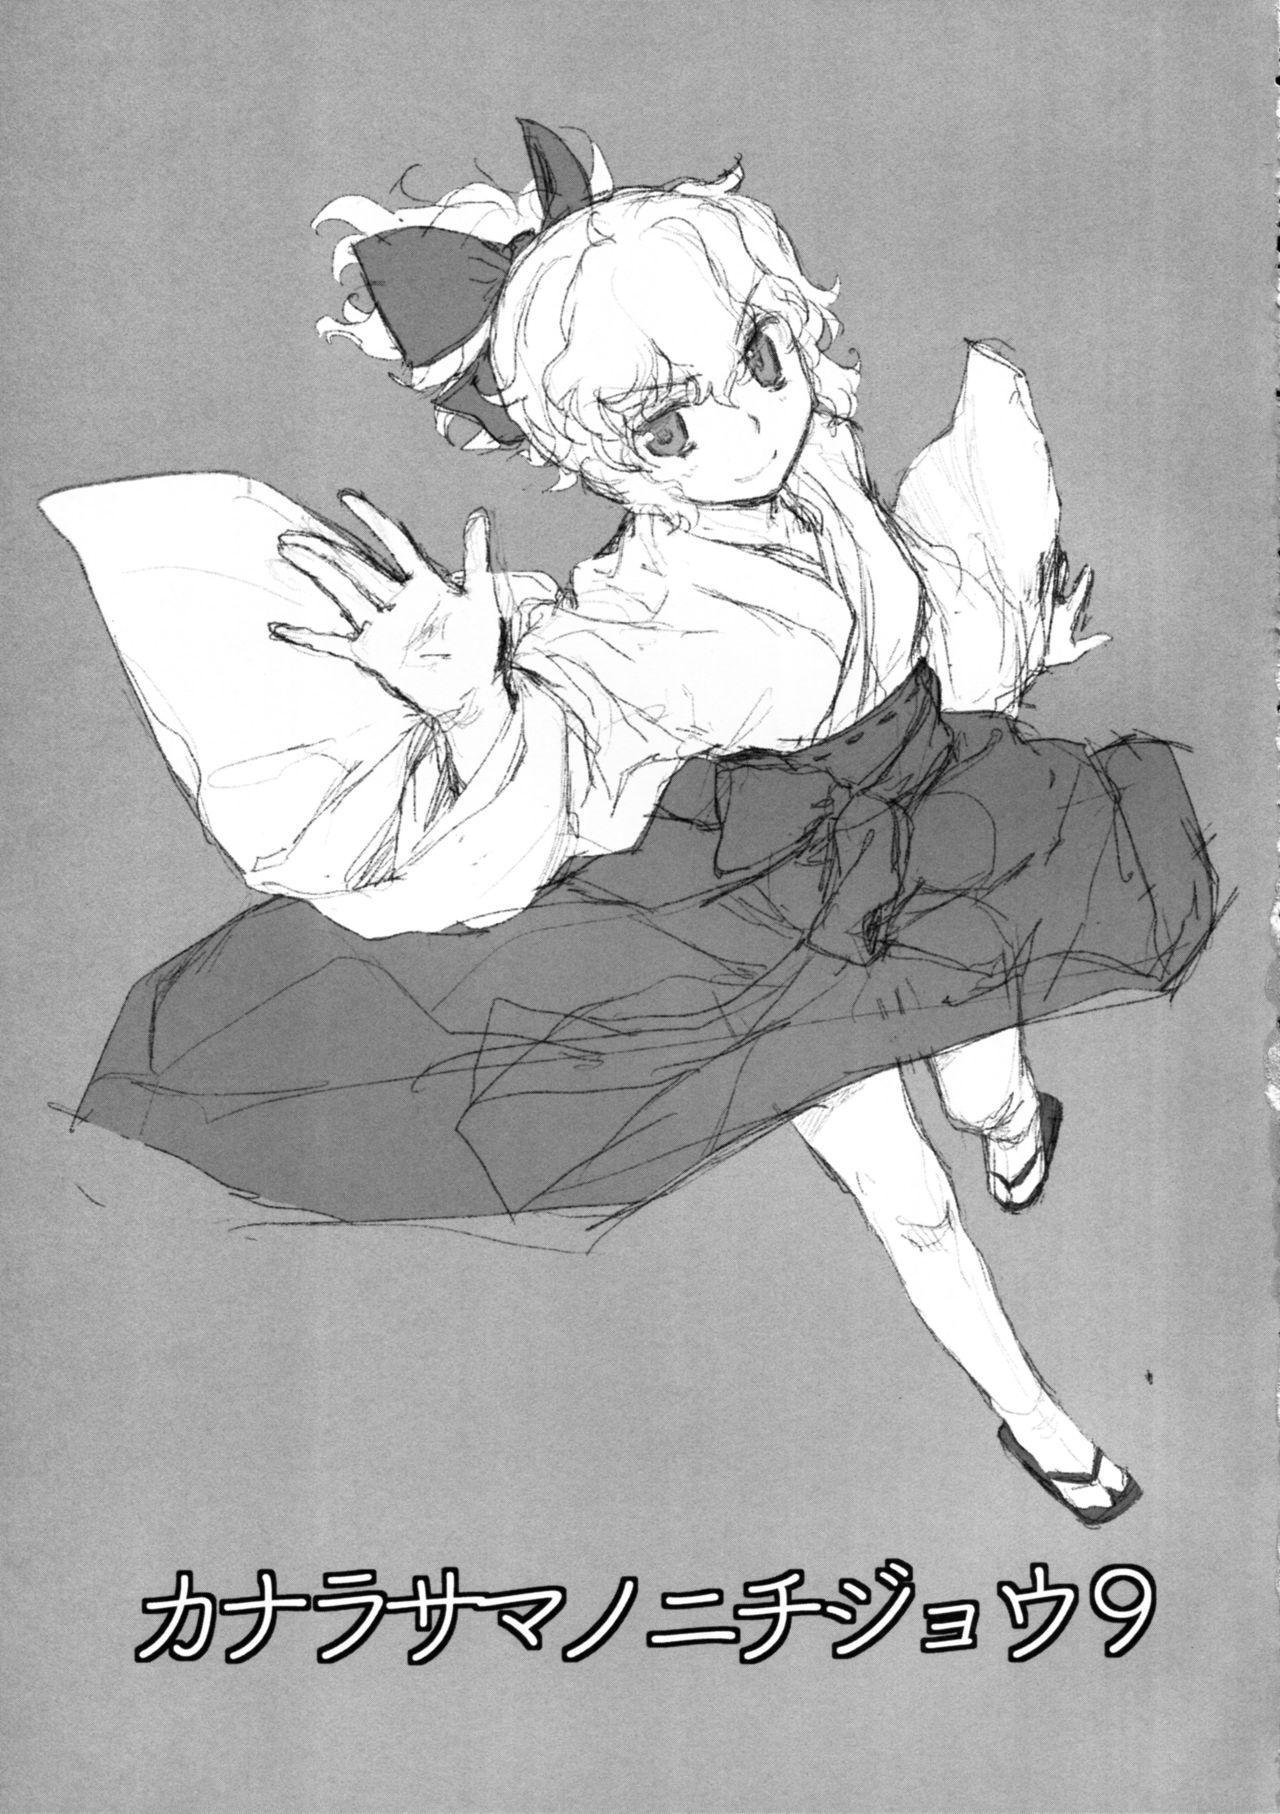 Kanara-sama no Nichijou Kyuu 4